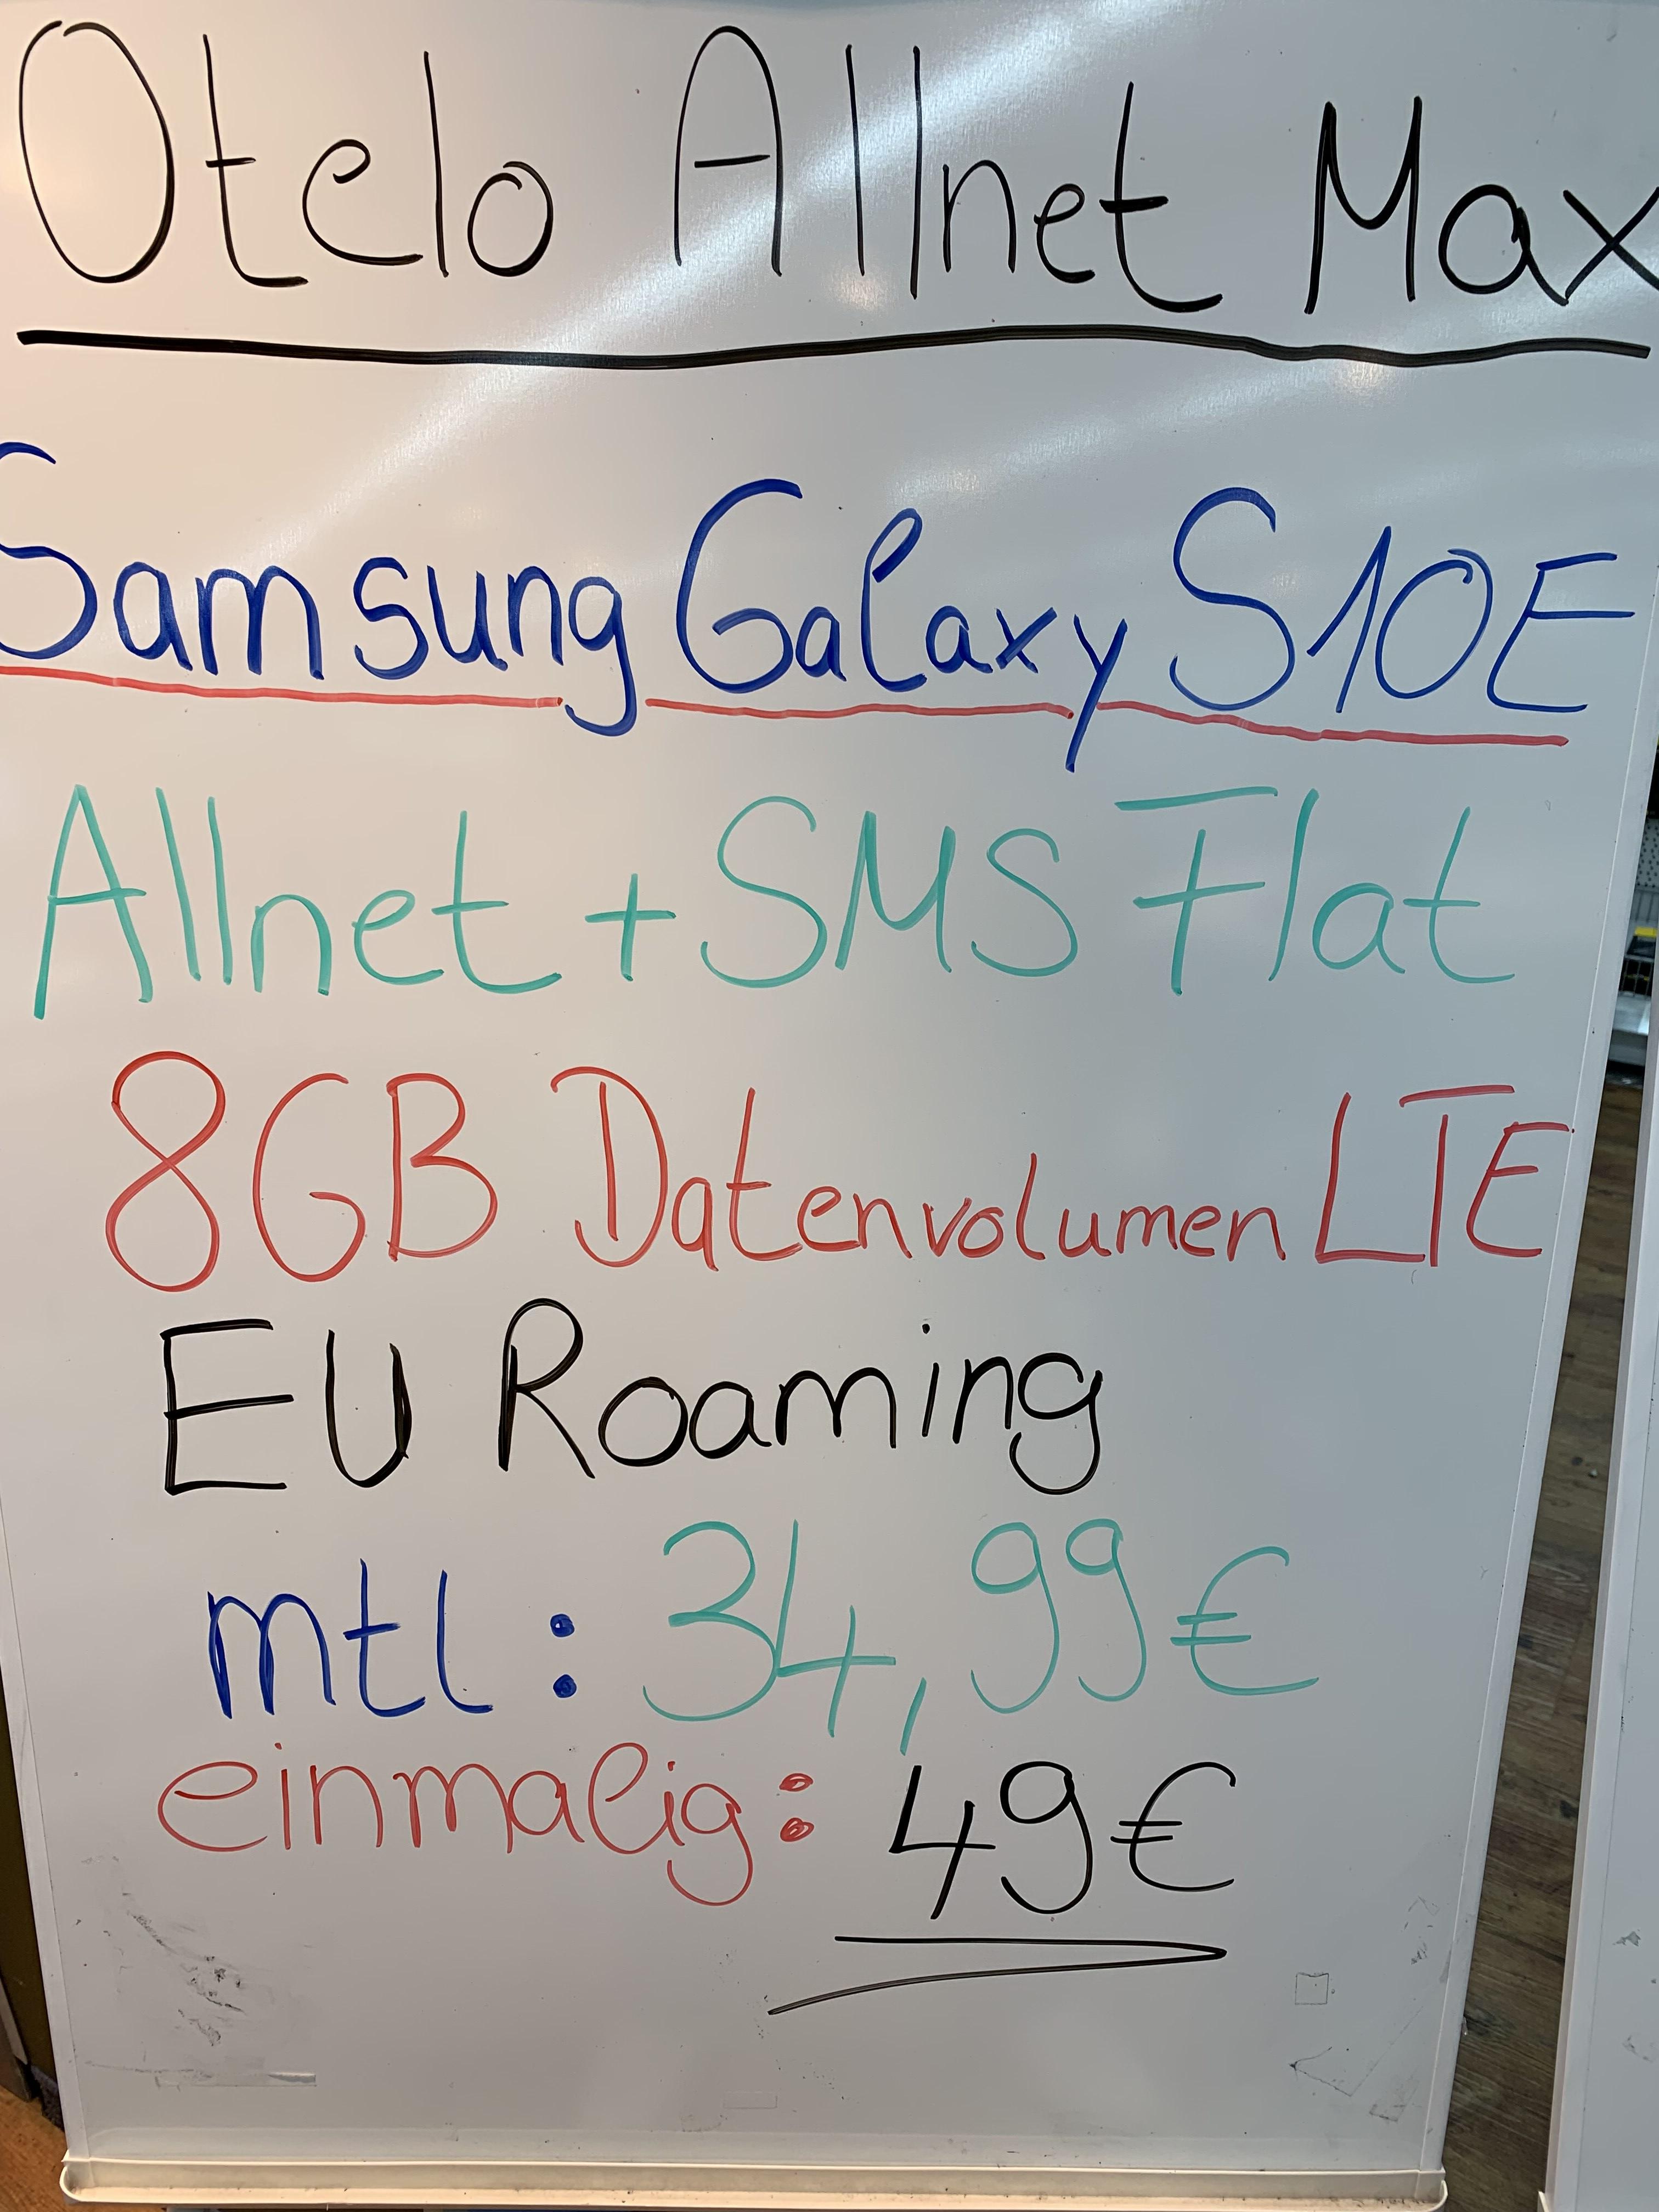 Samsung Galaxy S10e für 49€ Zuzahlung im Otelo Allnet Max LTE (8GB) für monatlich 34,99€ Medimax Mettmann [Lokal]